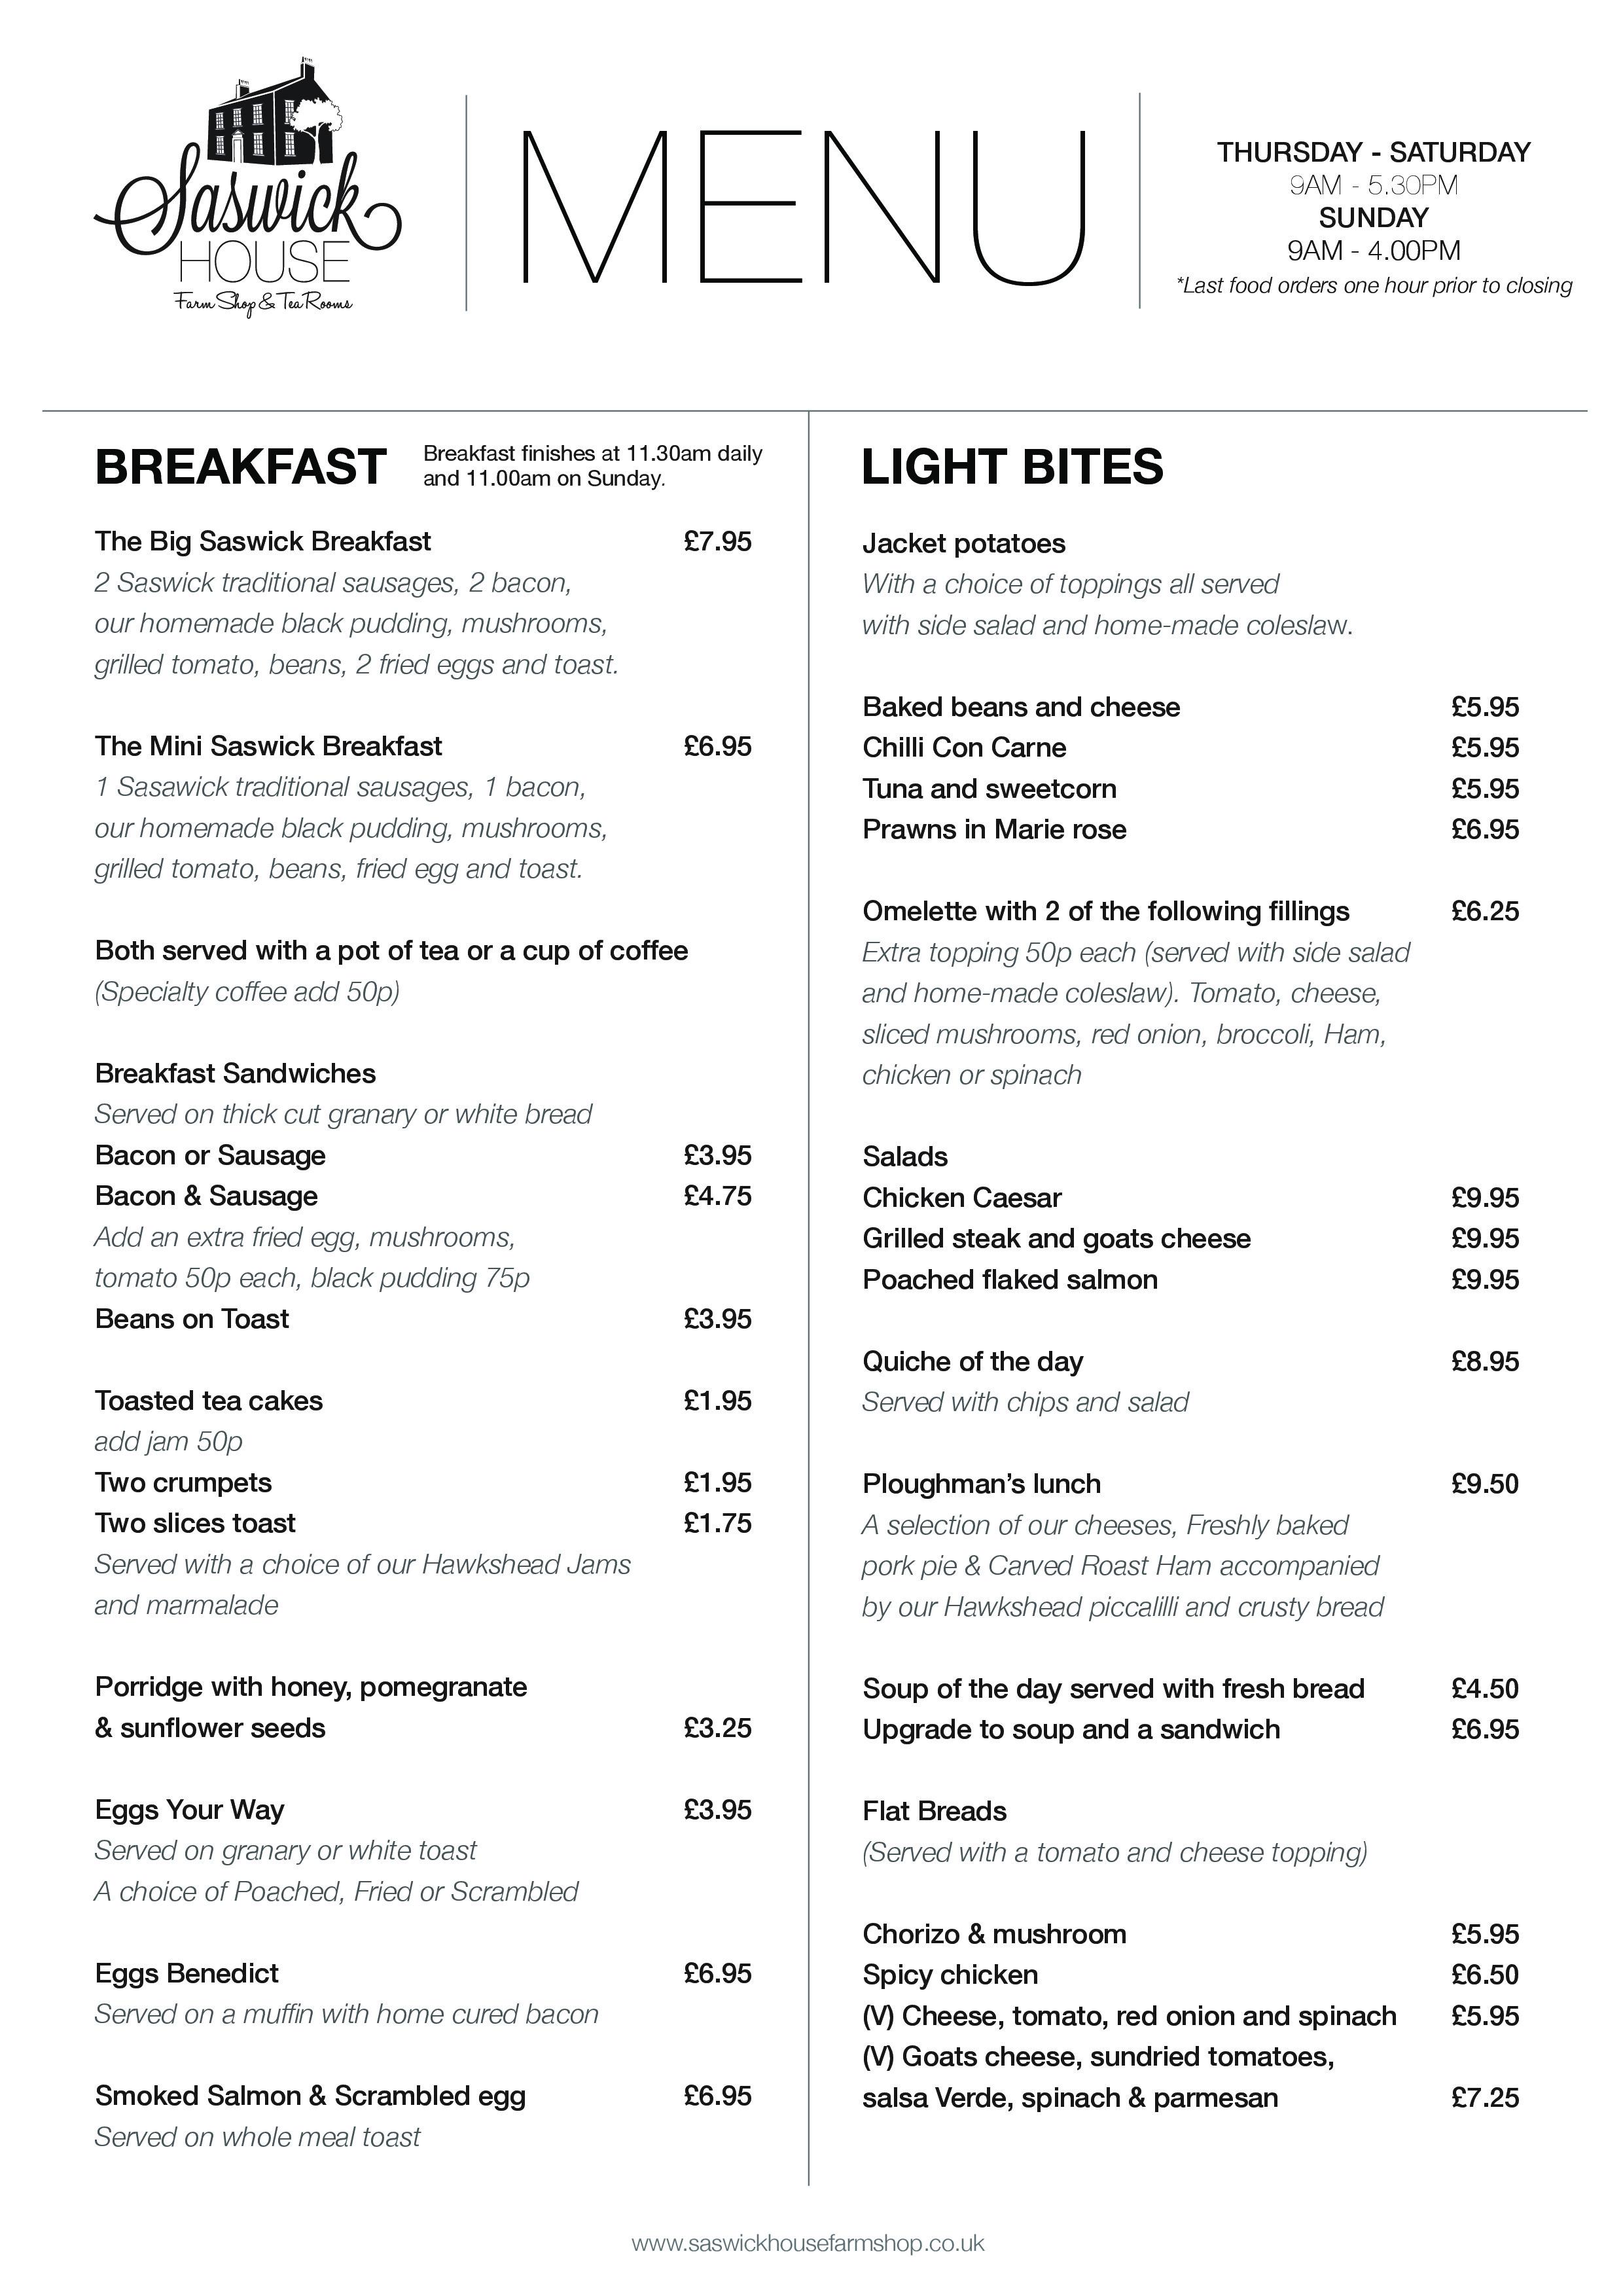 saswick-house-menu-front-page-0 (1)